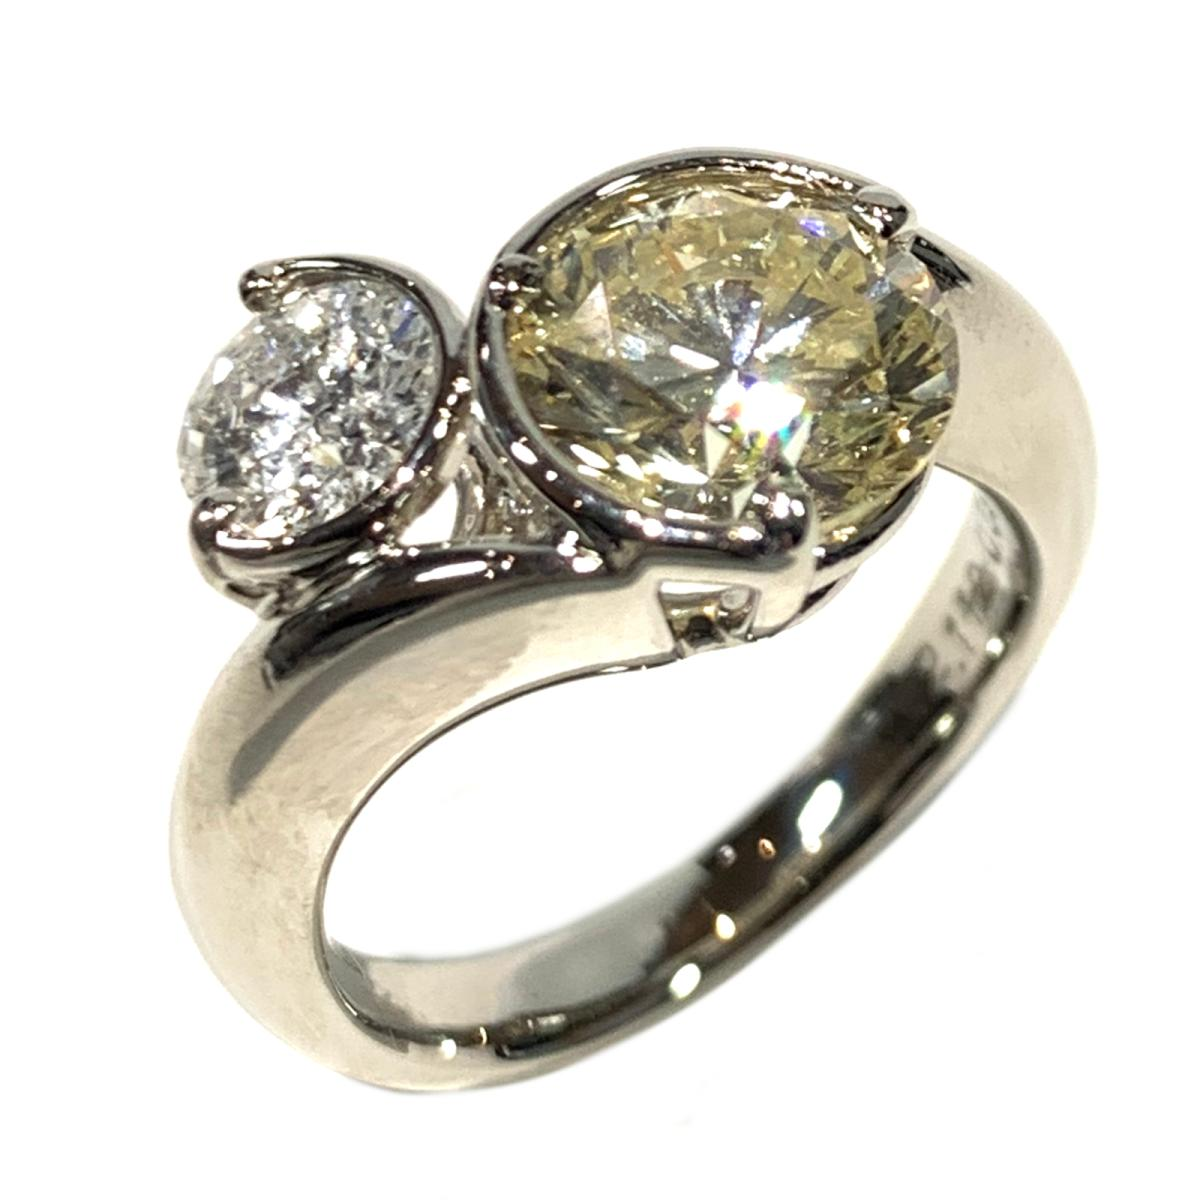 【中古】 ジュエリー ダイヤモンド リング 指輪 レディース PT900 プラチナ x シルバー   JEWELRY BRANDOFF ブランドオフ ブランド アクセサリー